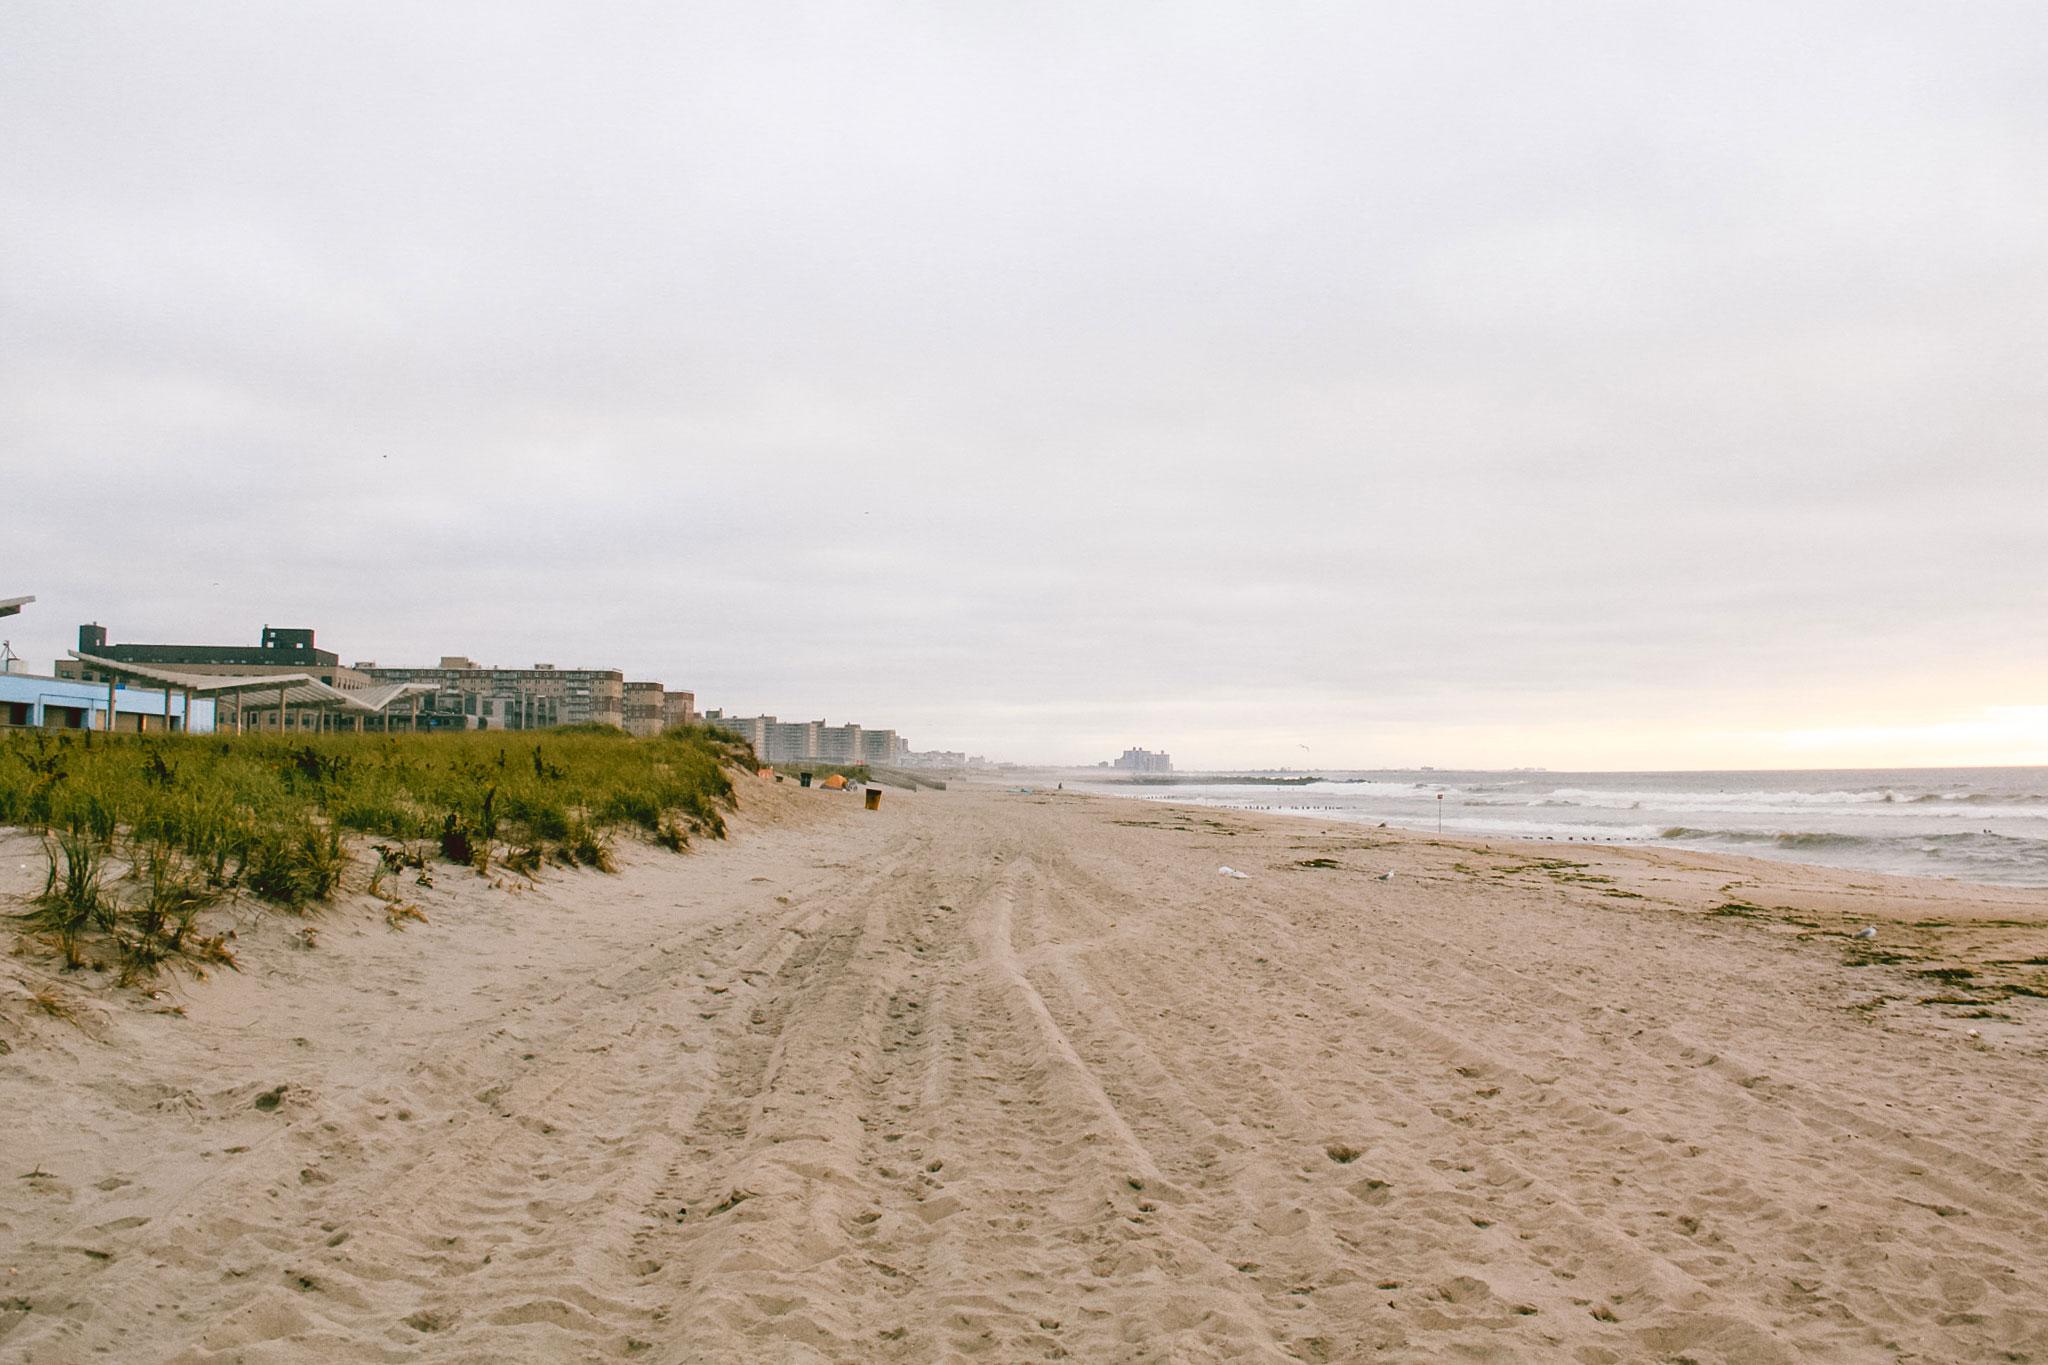 A long strip of sand beach.